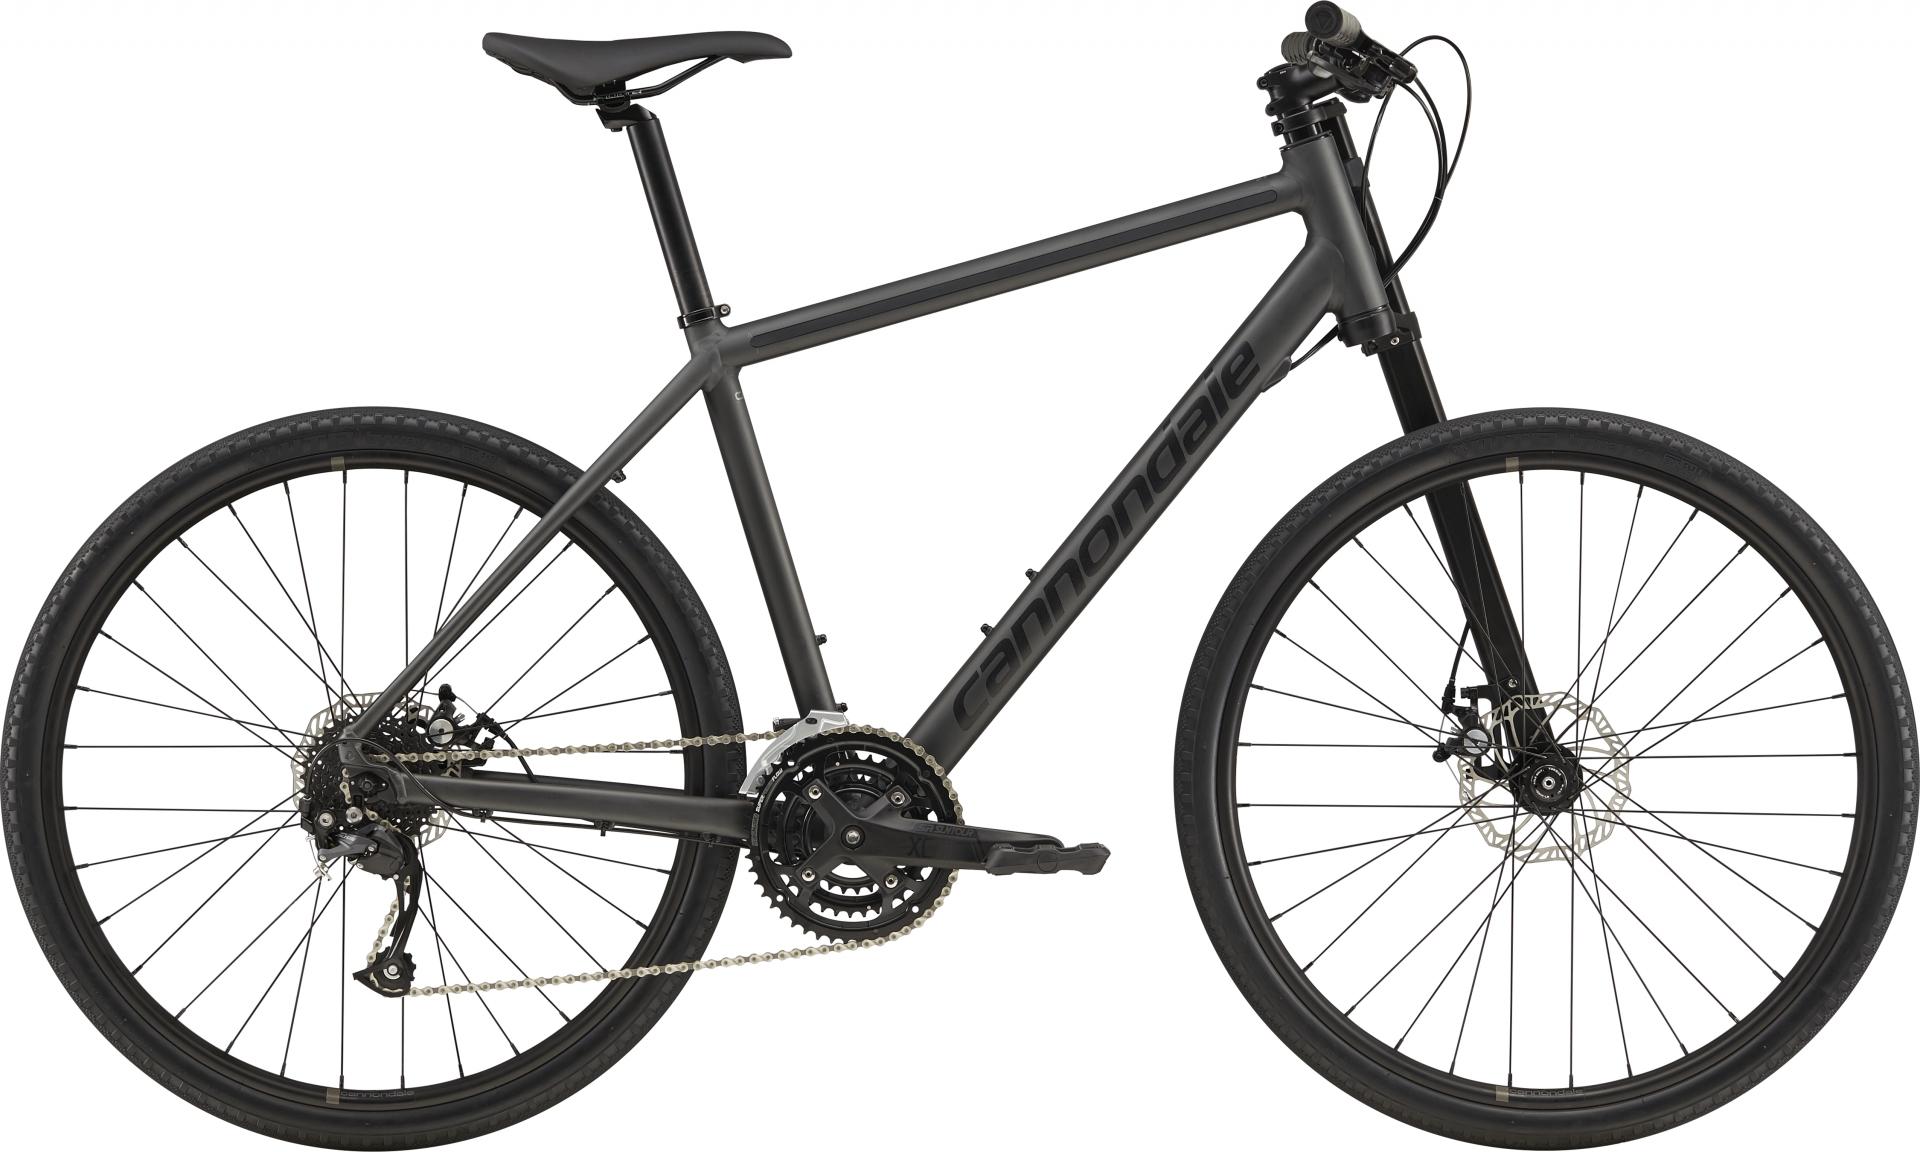 Vélo urbain Cannondale Bad Boy 3 27.5 Noir mat BBQ - S